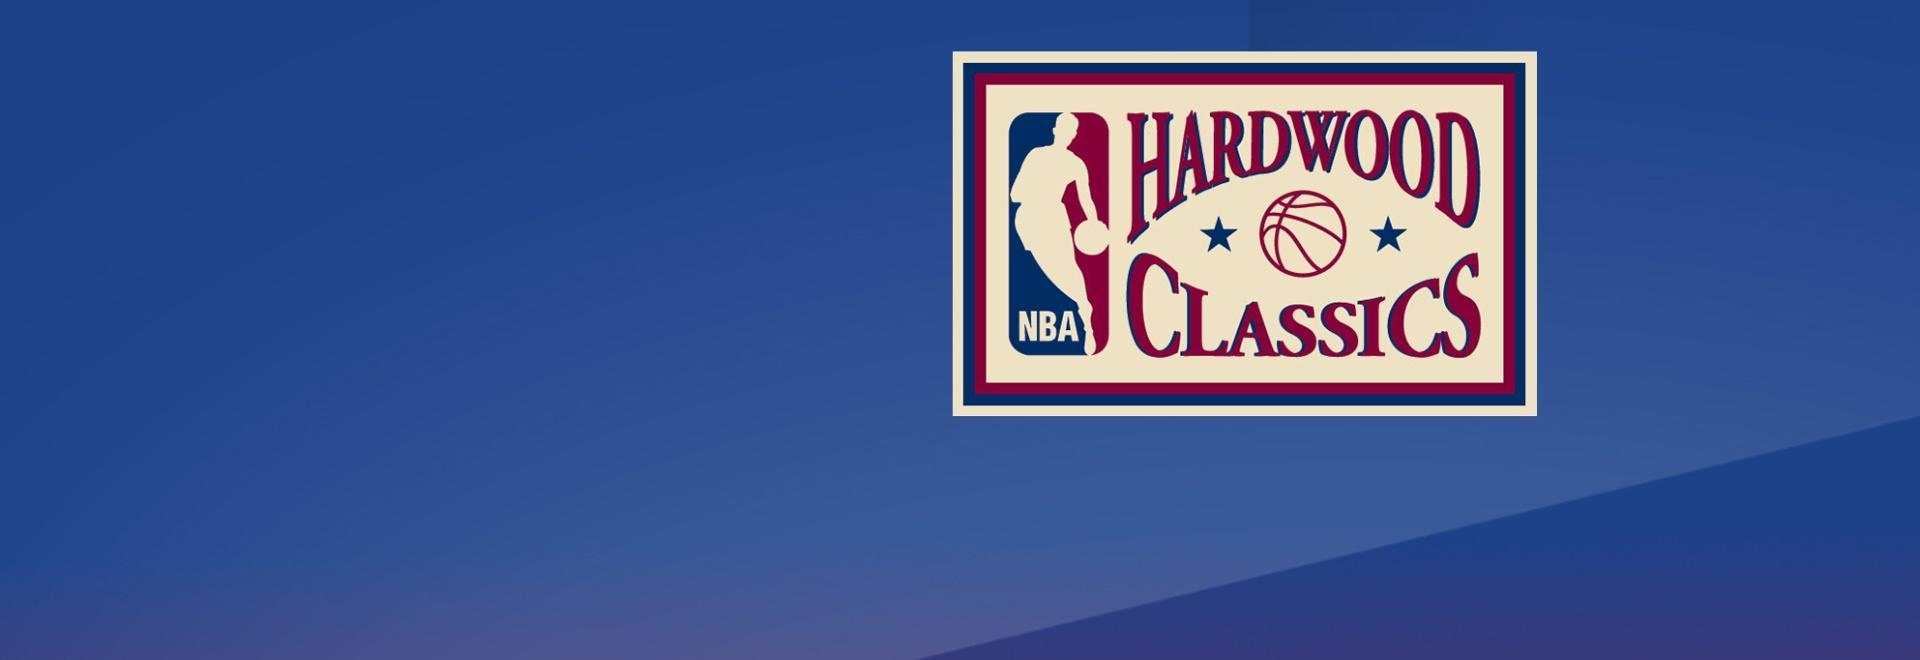 Hawks - Knicks 07/12/91 Wilkins: 52 Points